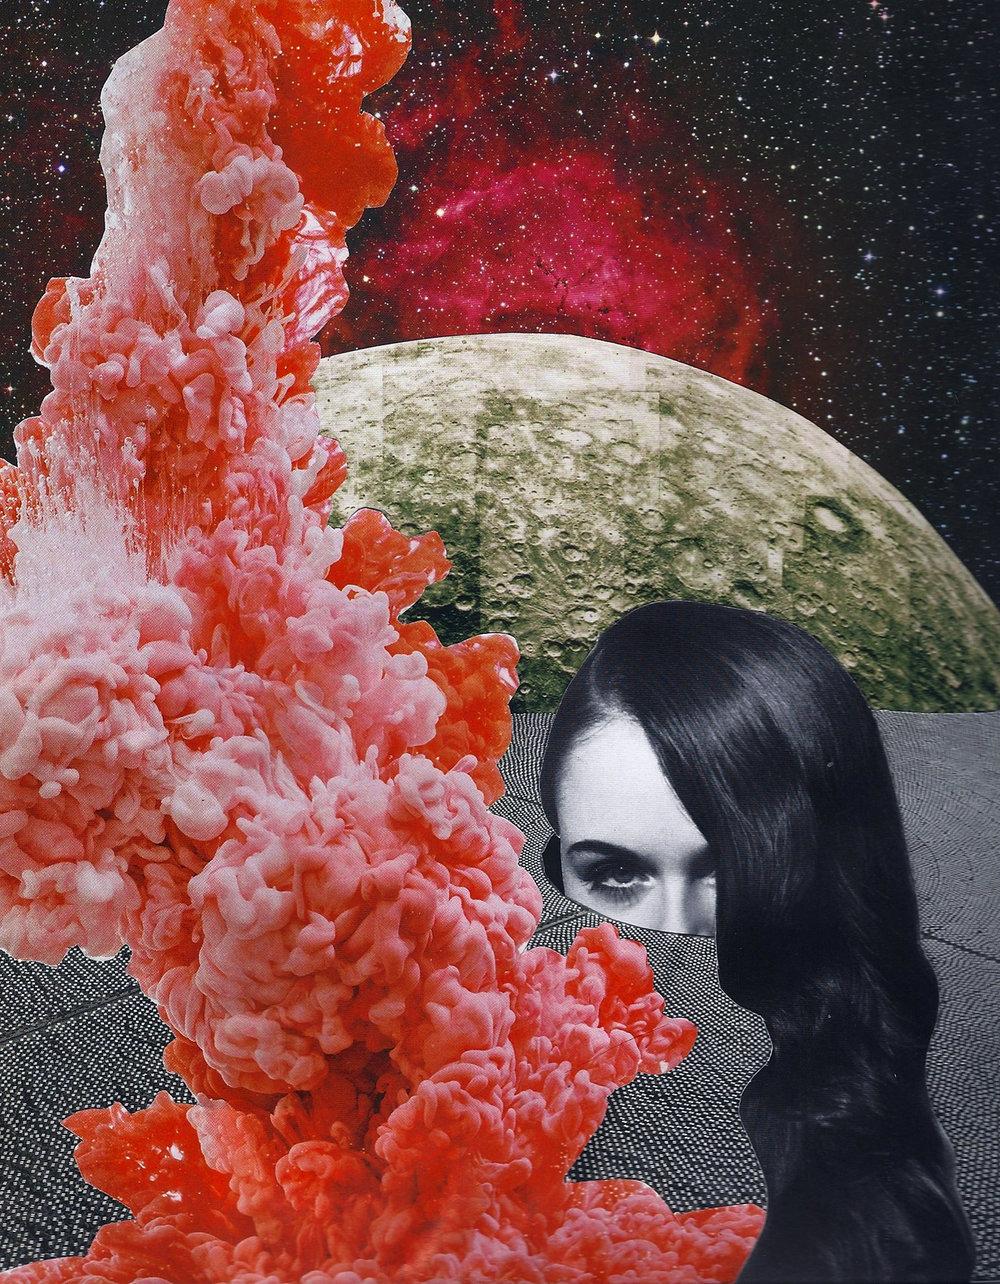 red planet-2.jpg